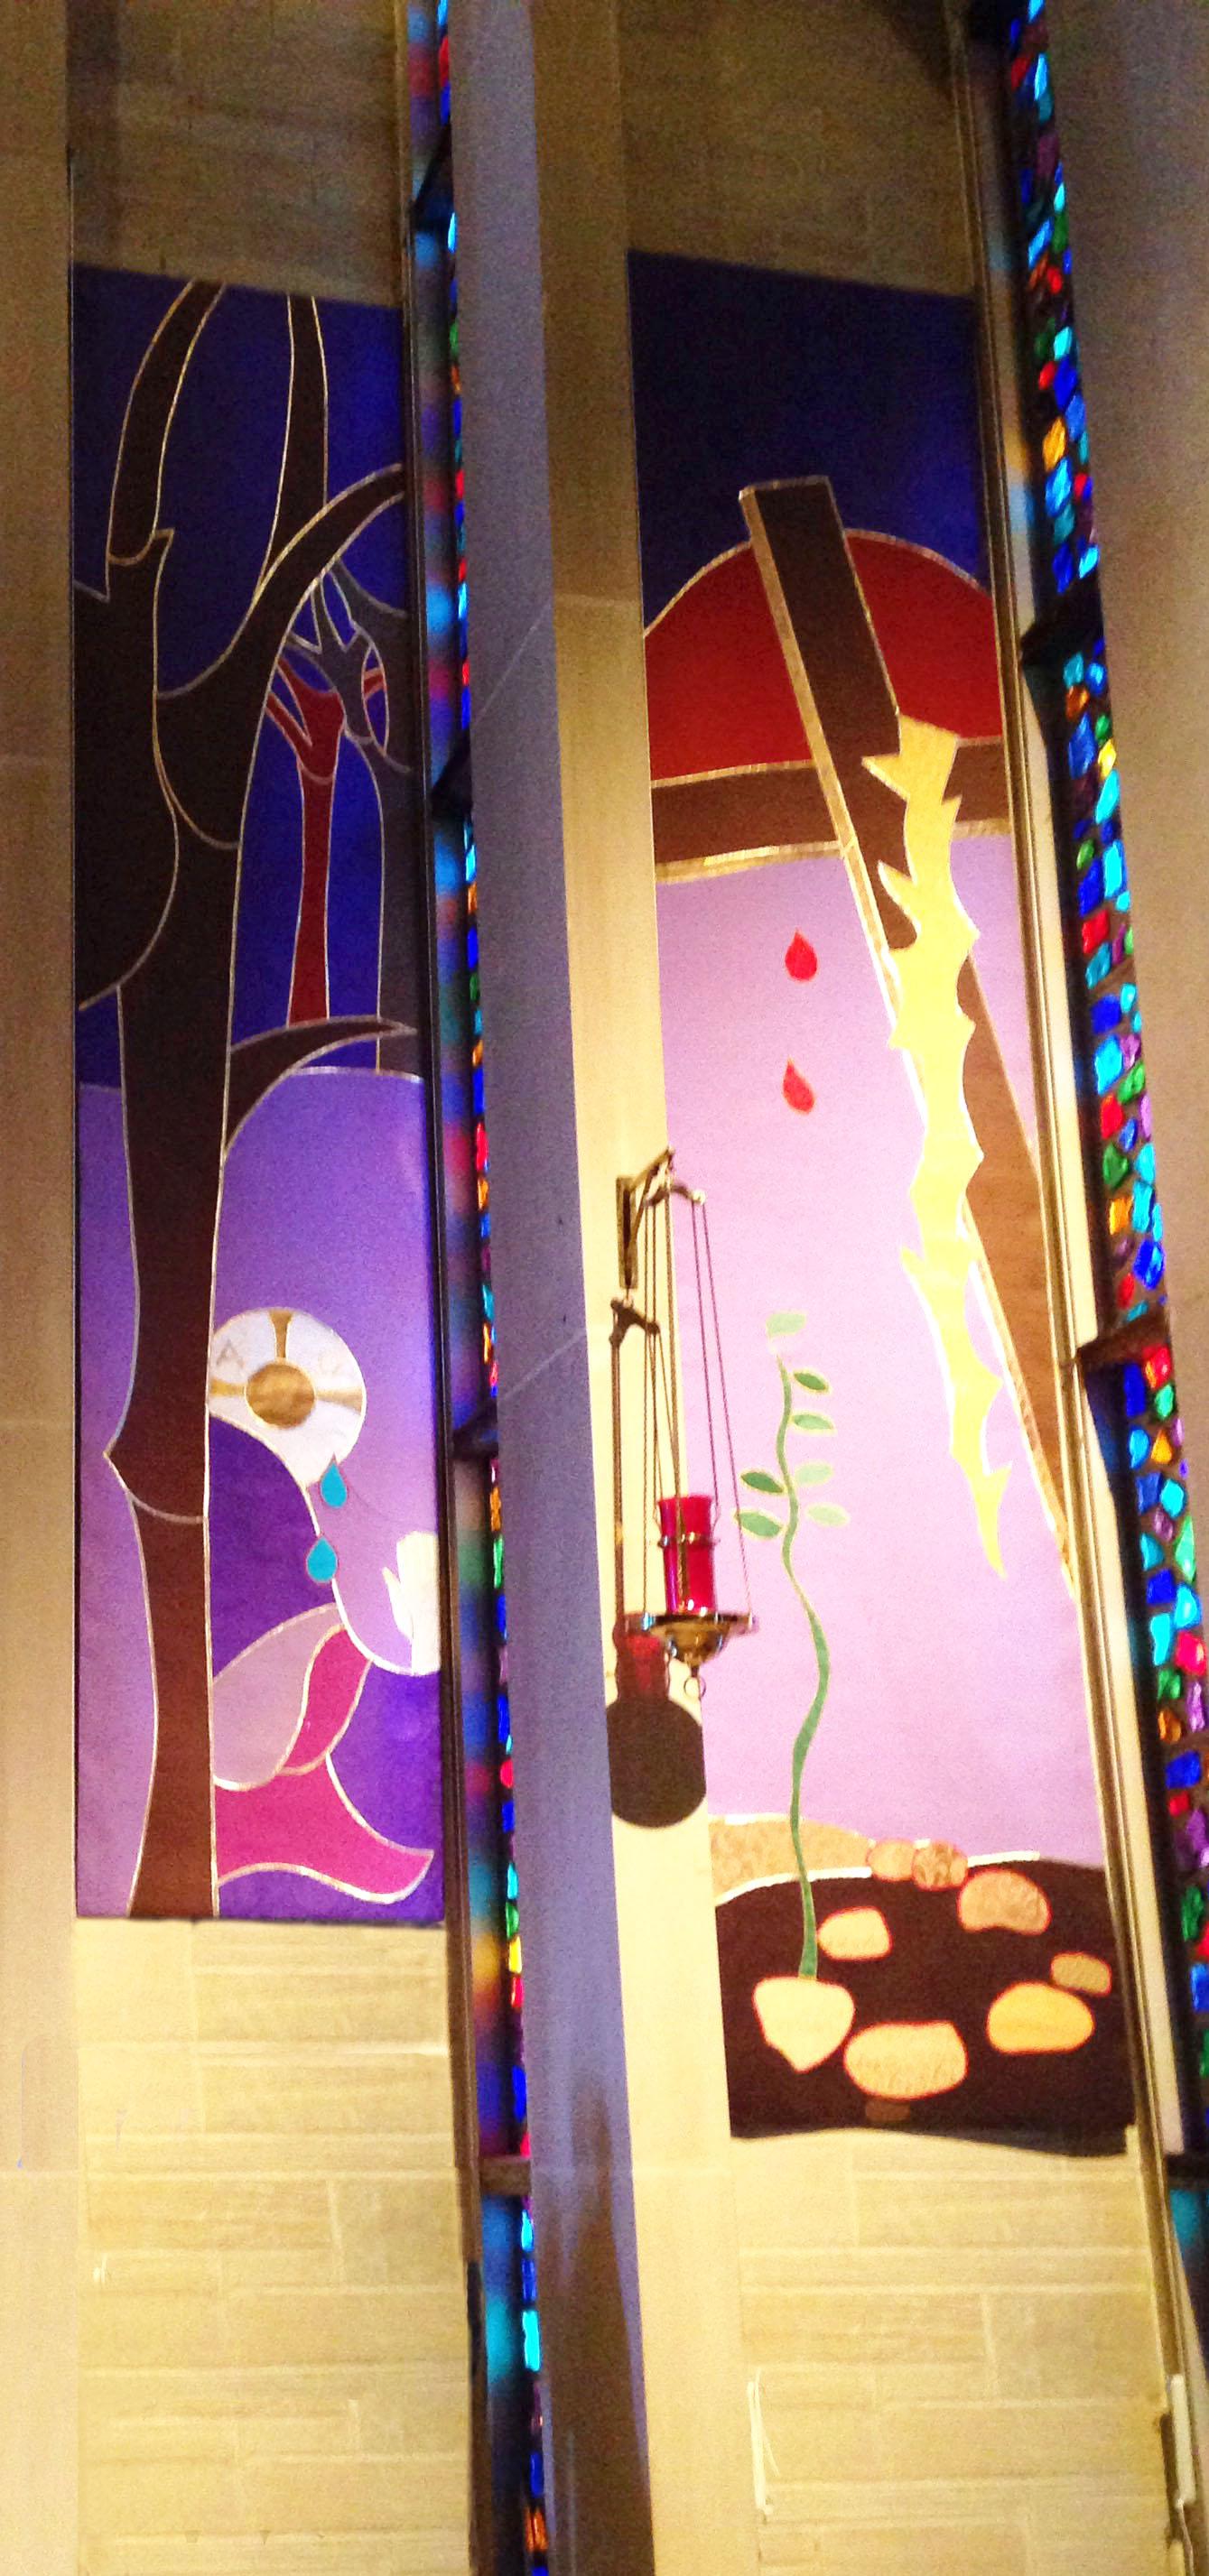 Lenten panels - left